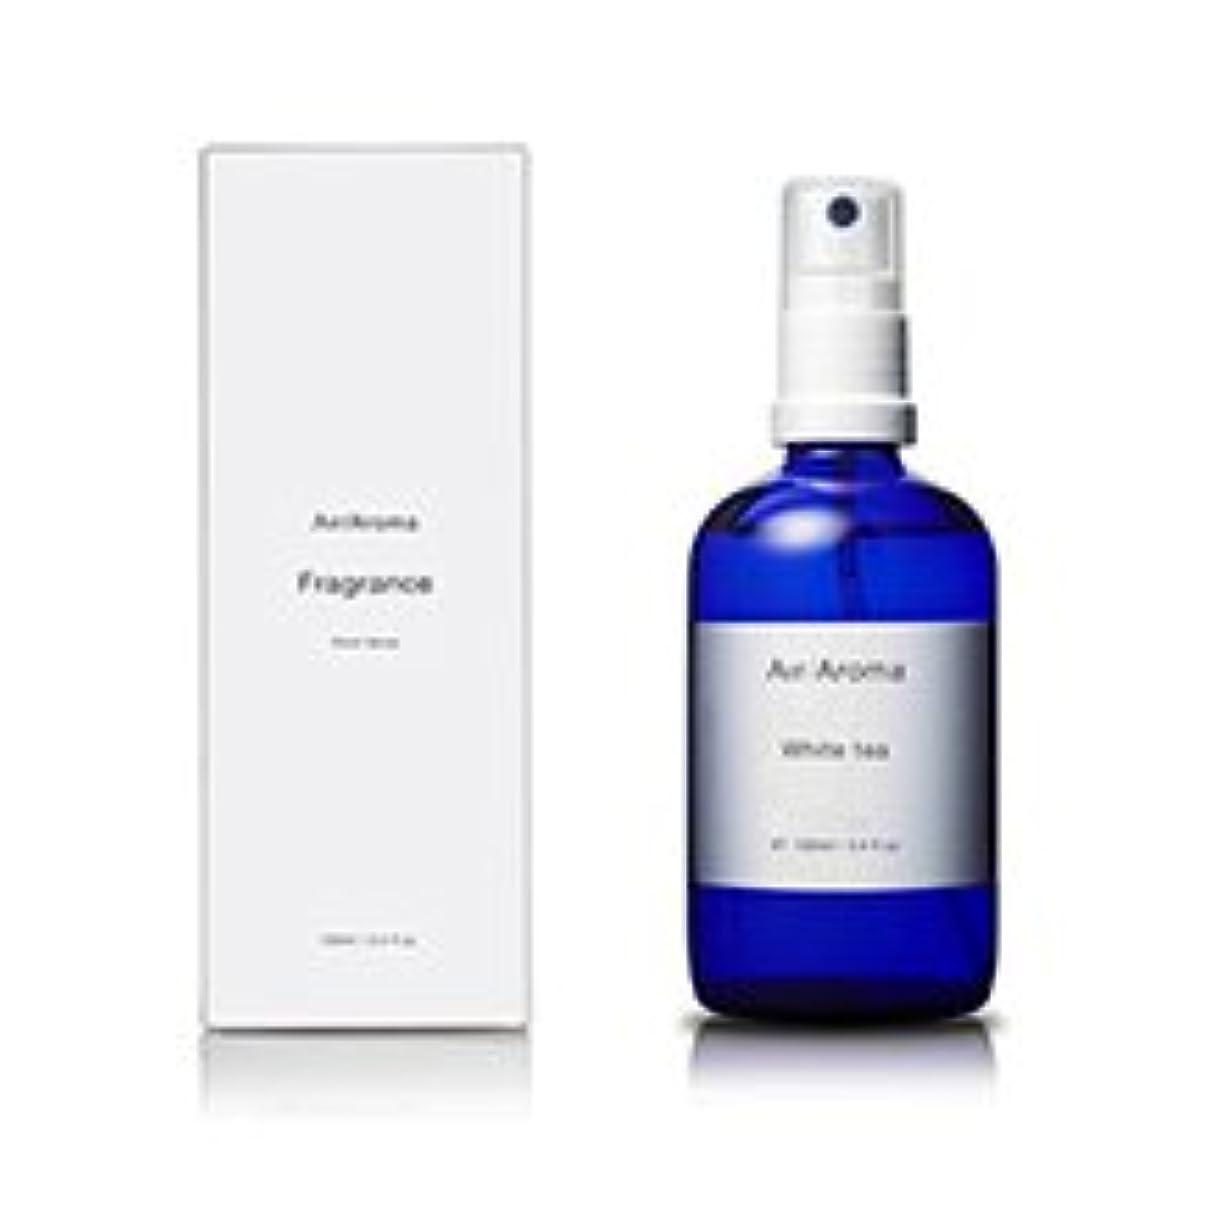 損失噴火食器棚エアアロマ white tea room fragrance(ホワイトティ ルームフレグランス)100ml